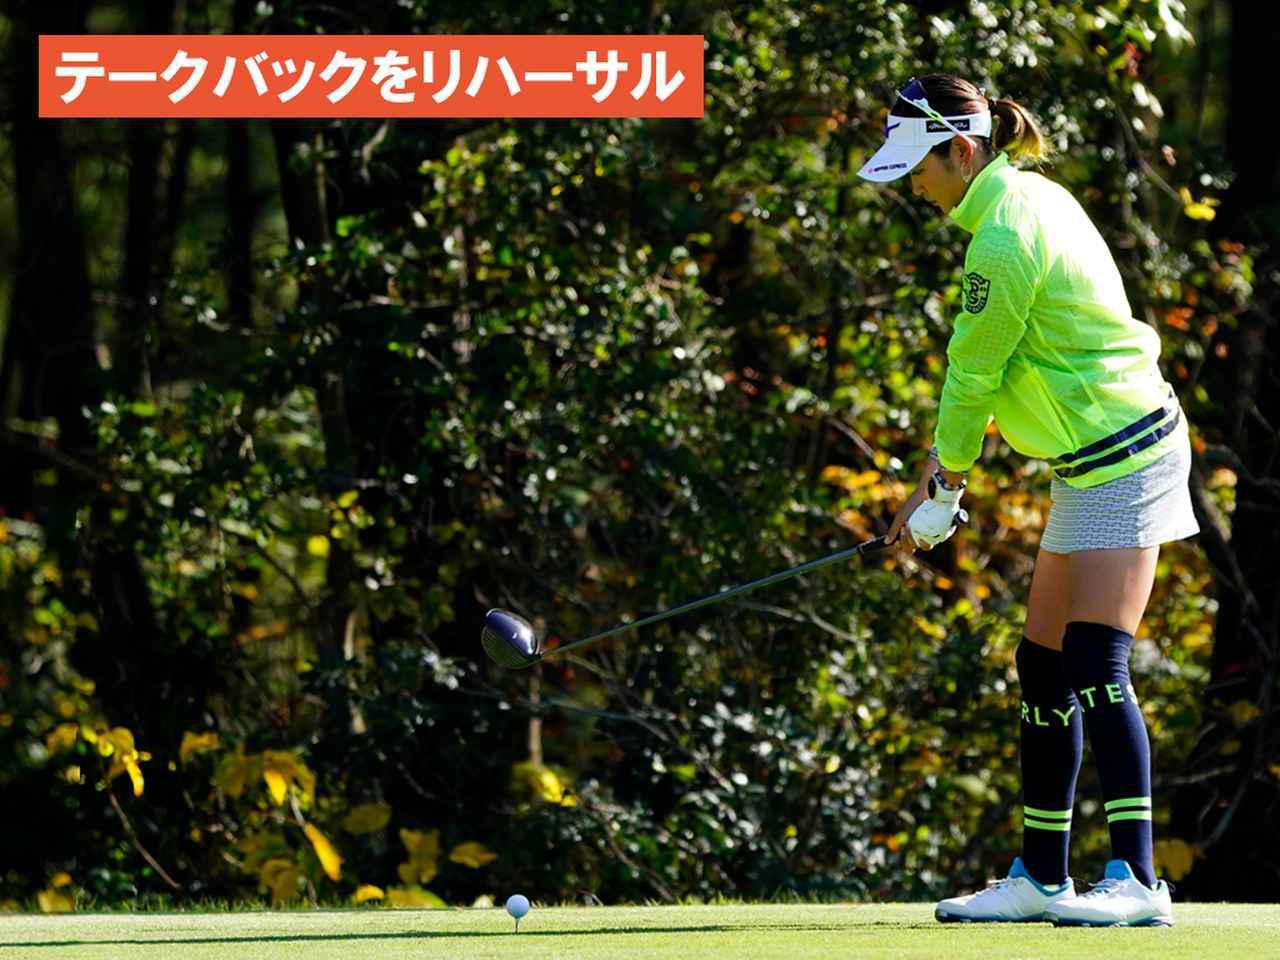 """画像30: 【プレショットルーティン調査】女子プロゴルファー上位32人をチェック! 2タイプに分かれた""""アドレスの入り方"""""""